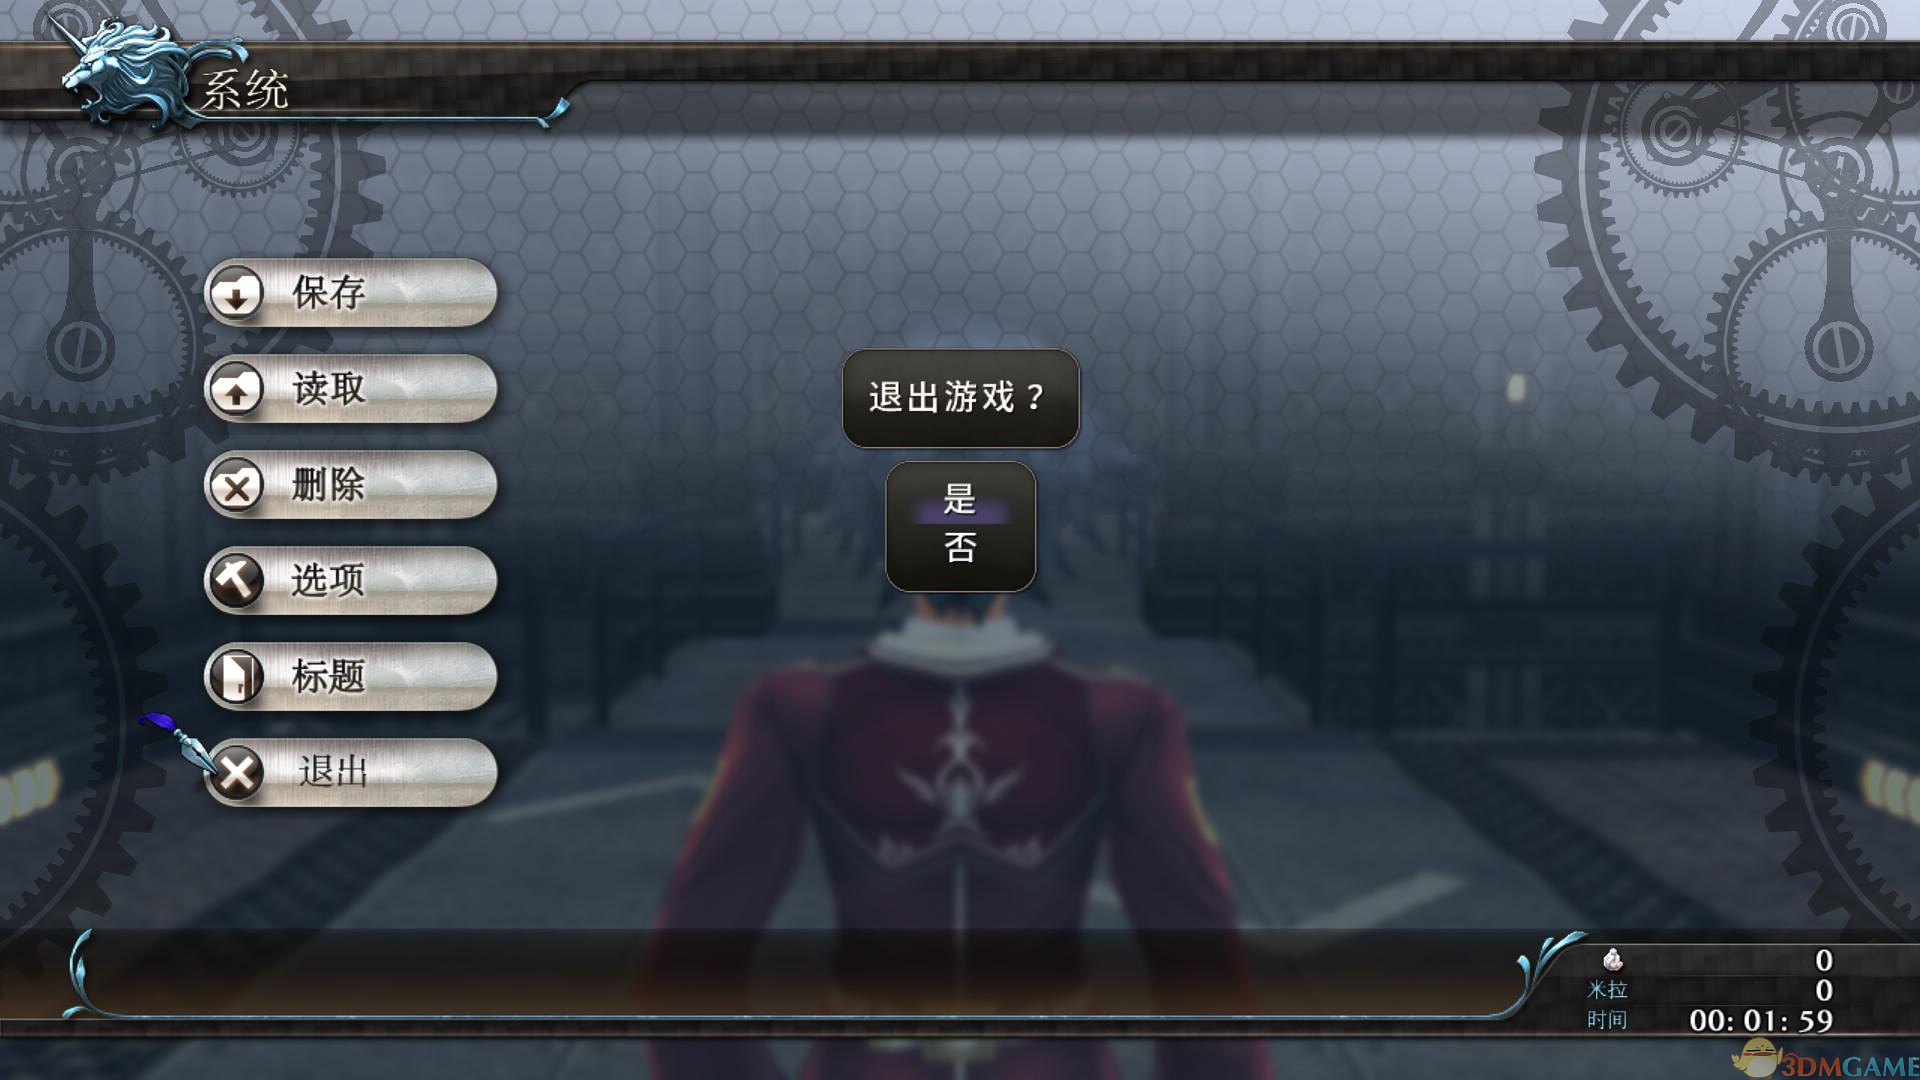 英雄传说:闪之轨迹 v1.3.5升级档+未加密补丁[CODEX]